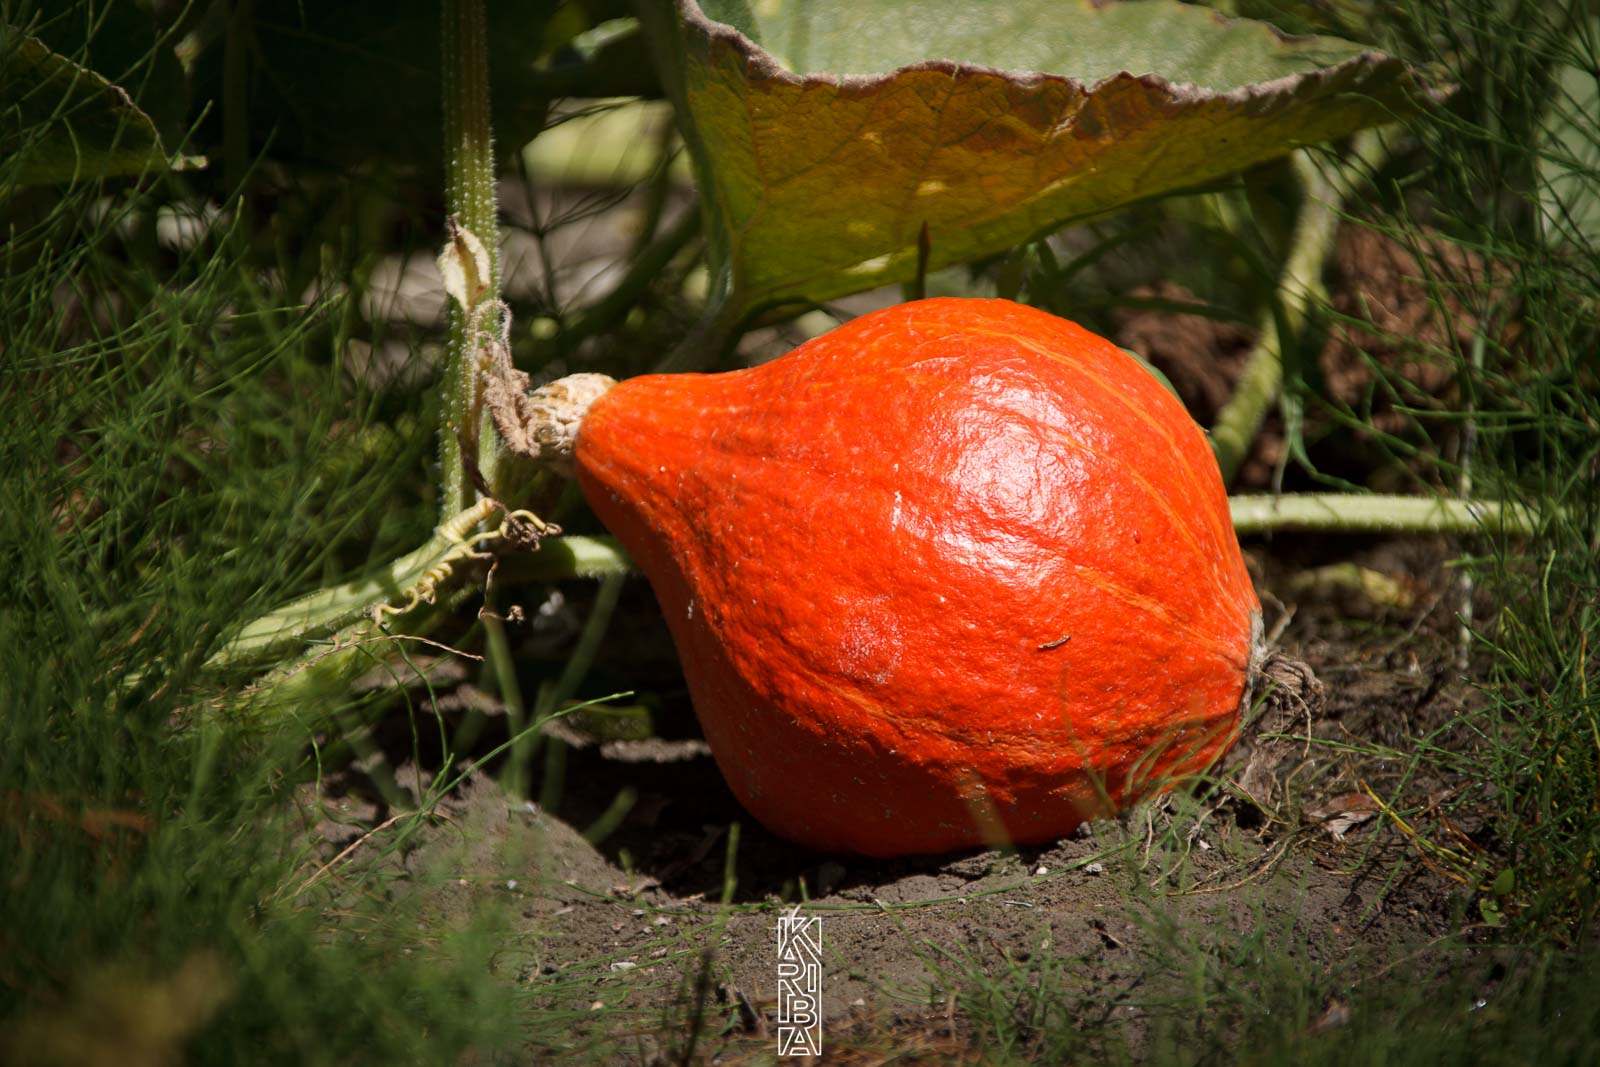 053-planjardin-légumes.jpg